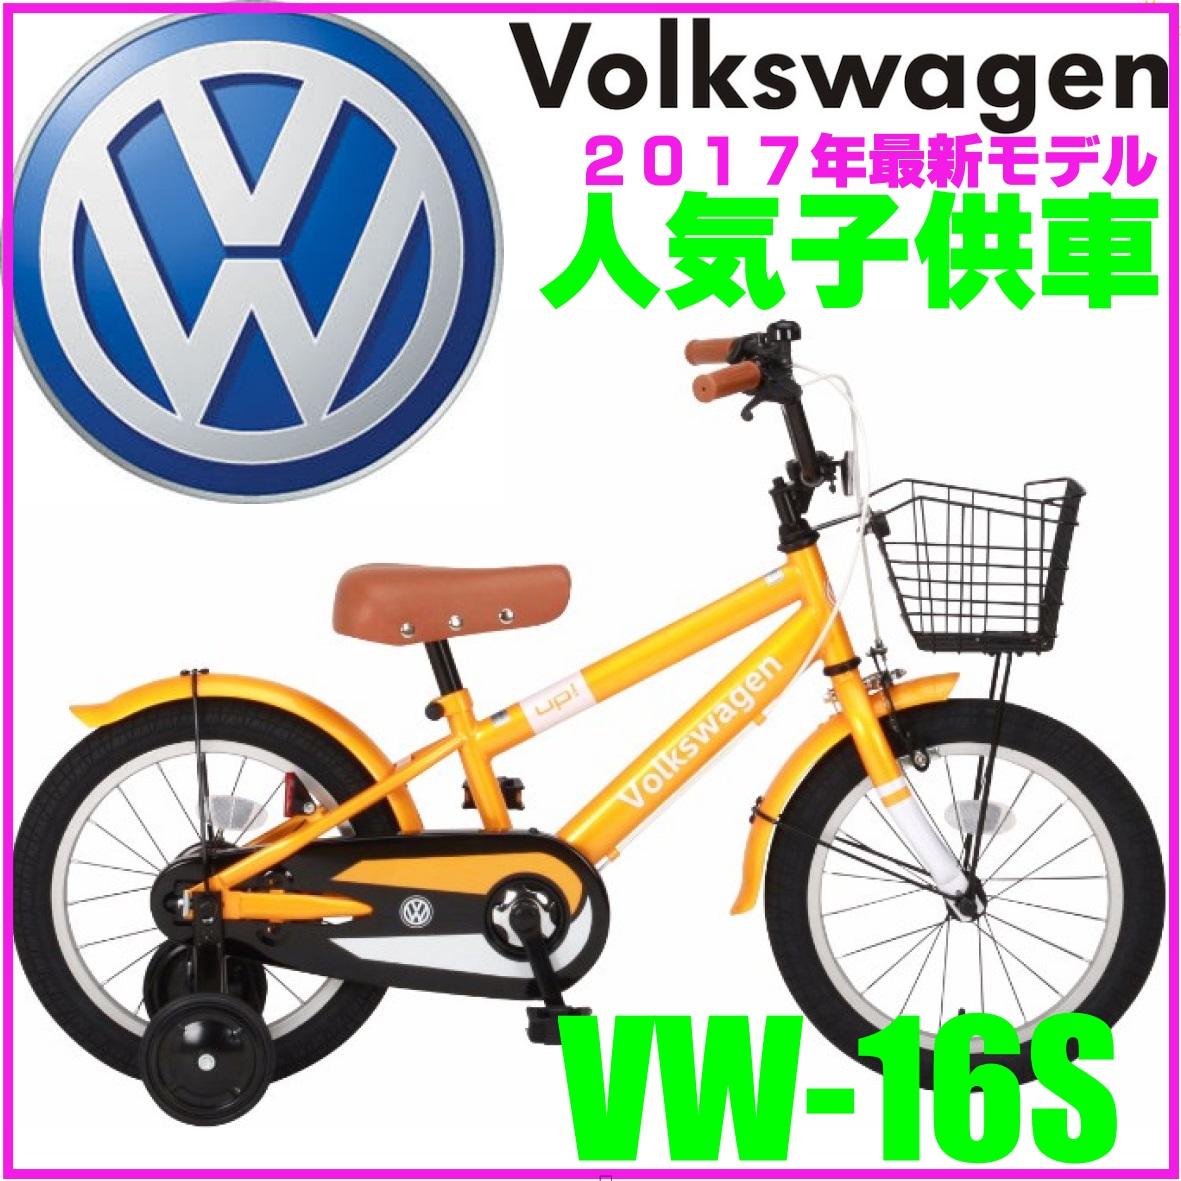 フォルクスワーゲン 自転車 子供用 Volkswagen 自転車 オレンジ 16インチ 自転車 補助輪付き フォルクスワーゲン VW-16S up! 子ども車 アップキッズ 自転車 ジュニア